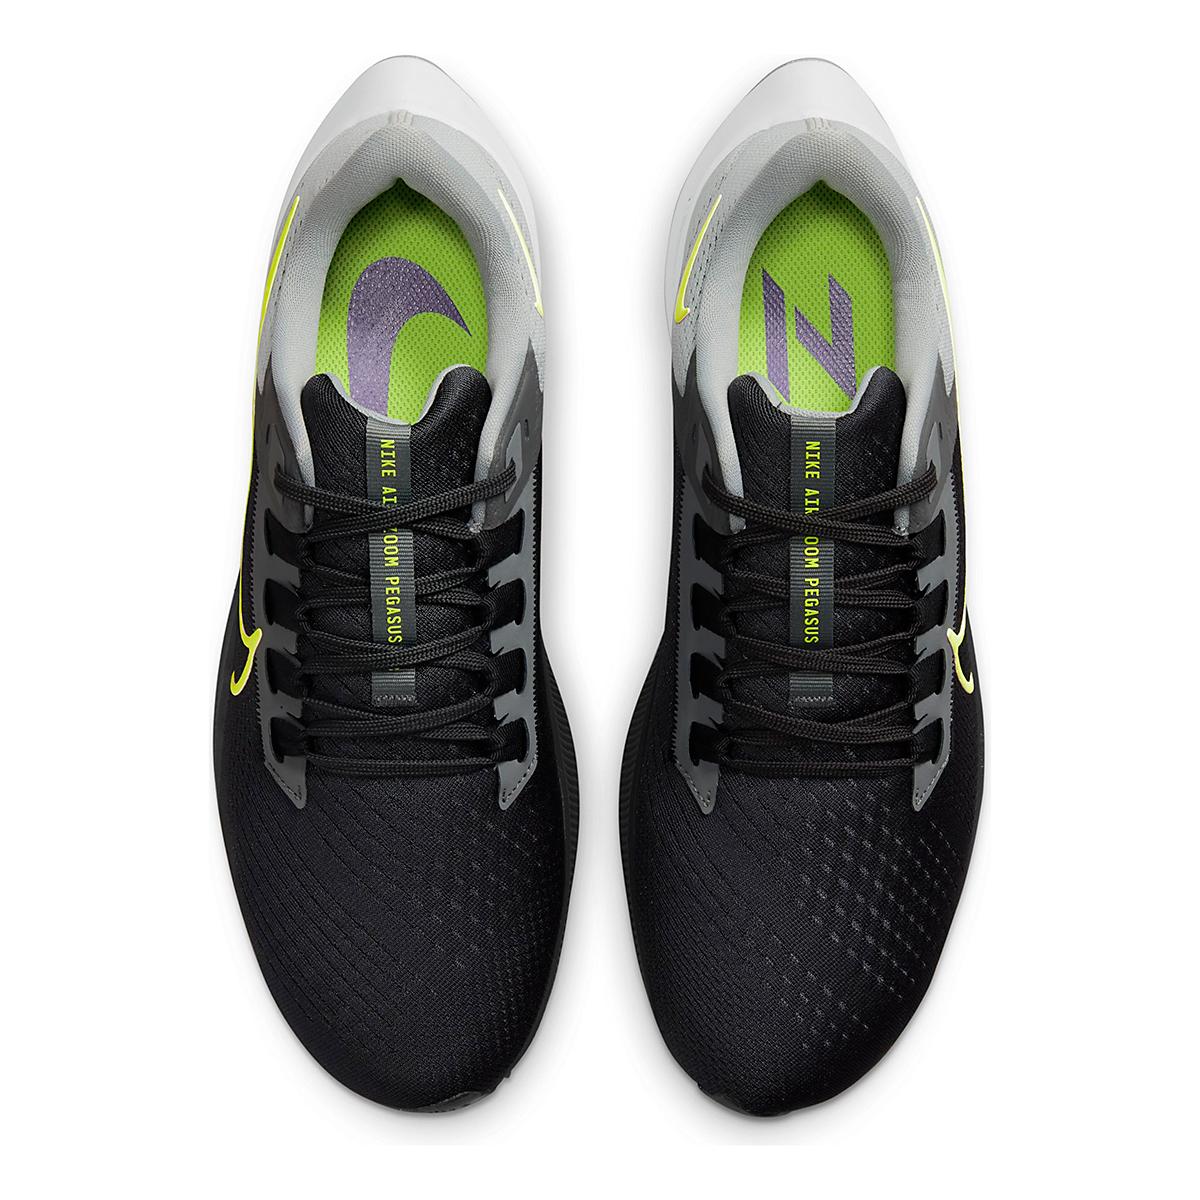 Men's Nike Air Zoom Pegasus 38 Running Shoe - Color: Smoke Grey/Volt Grey - Size: 6 - Width: Regular, Smoke Grey/Volt Grey, large, image 6